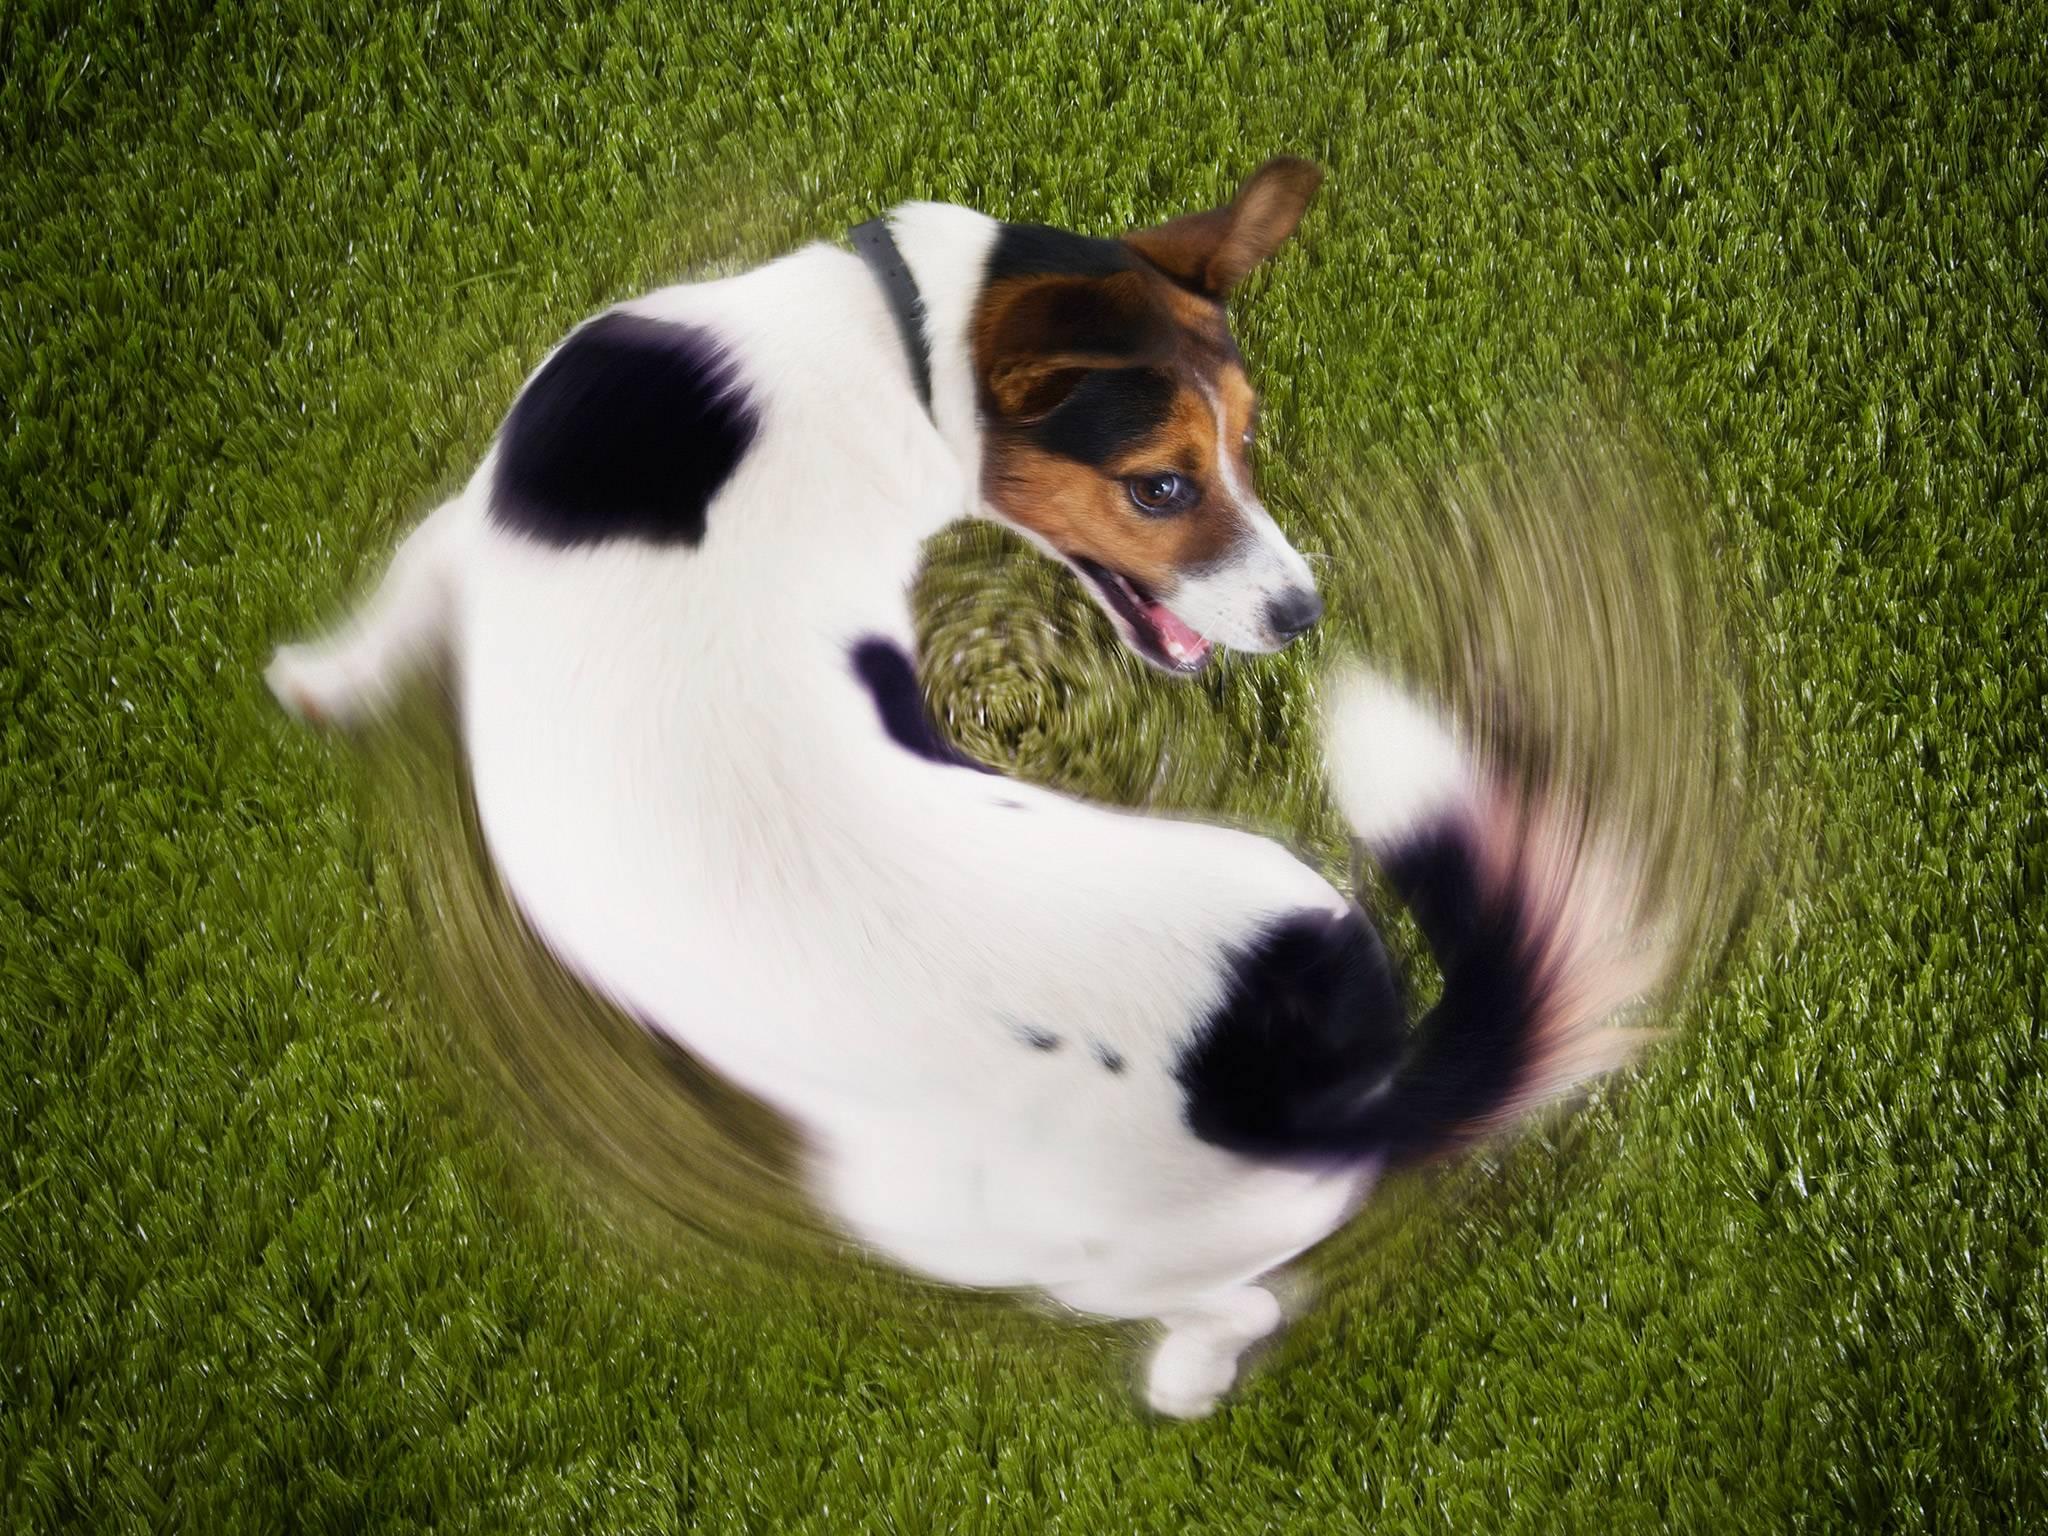 Você sabe dizer se as manias do seu cachorro são inofensivas ou se tornaram compulsão? | Foto: Reprodução